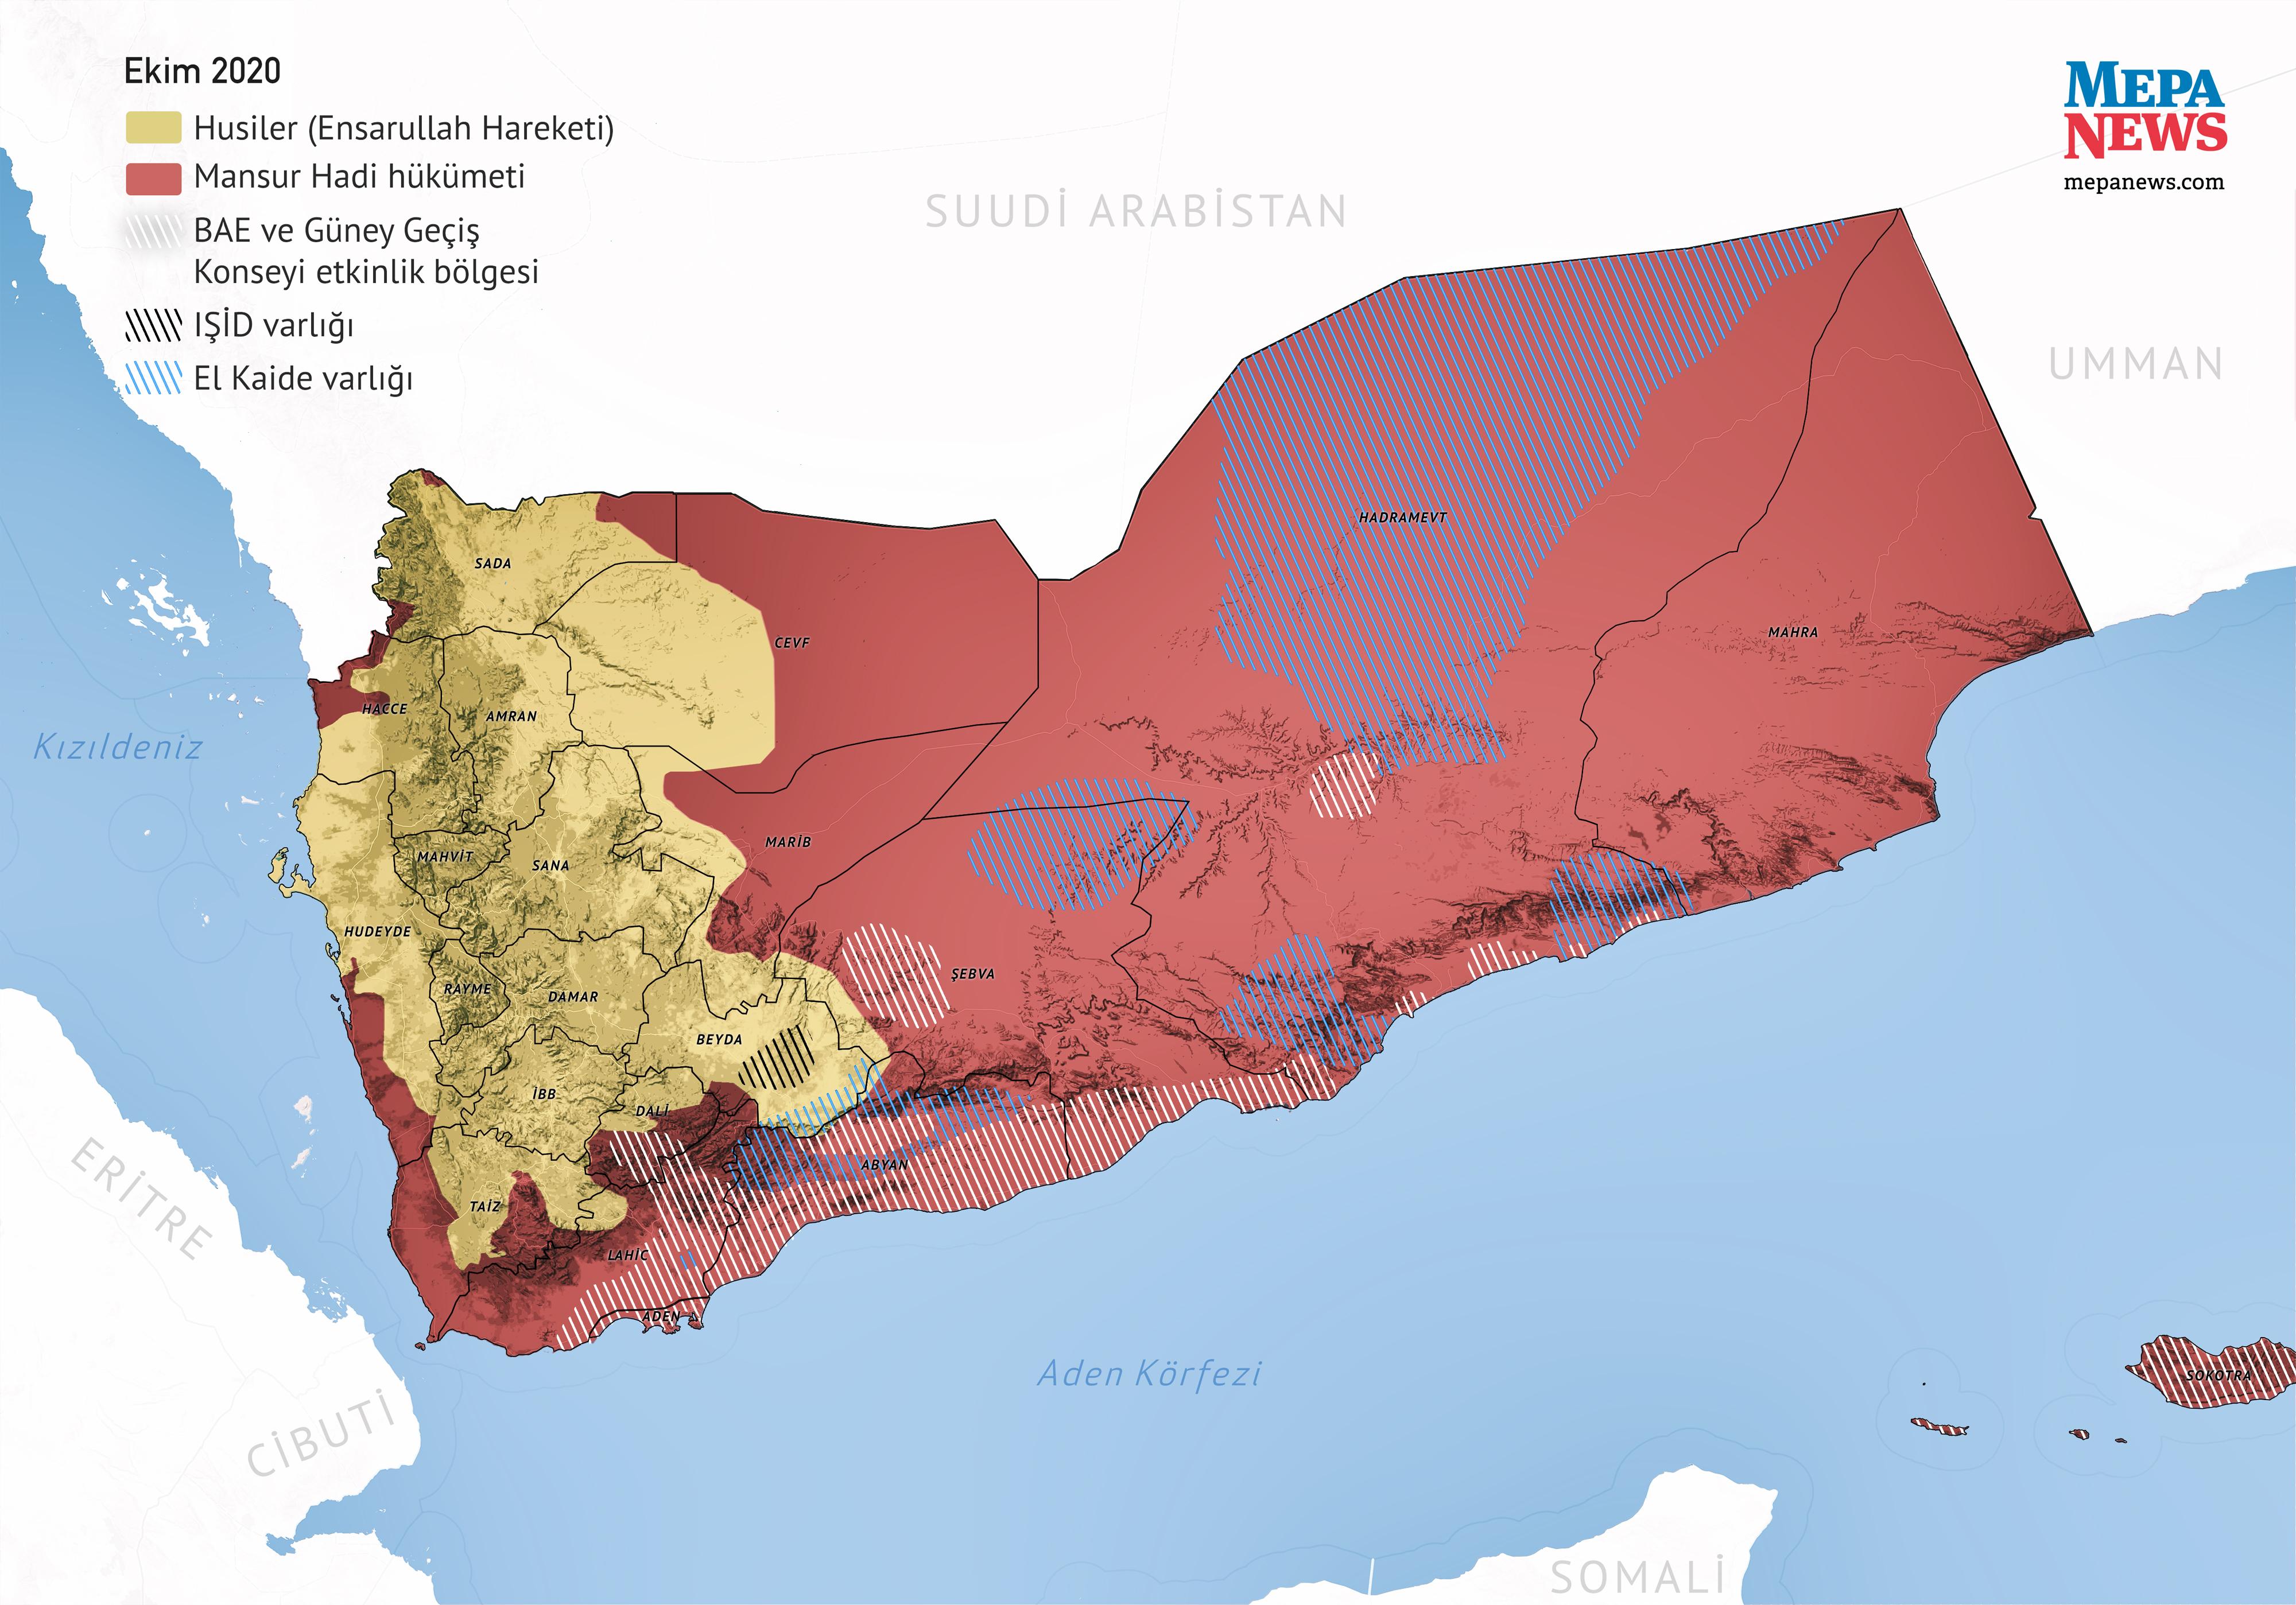 yemen2020ekim.jpg